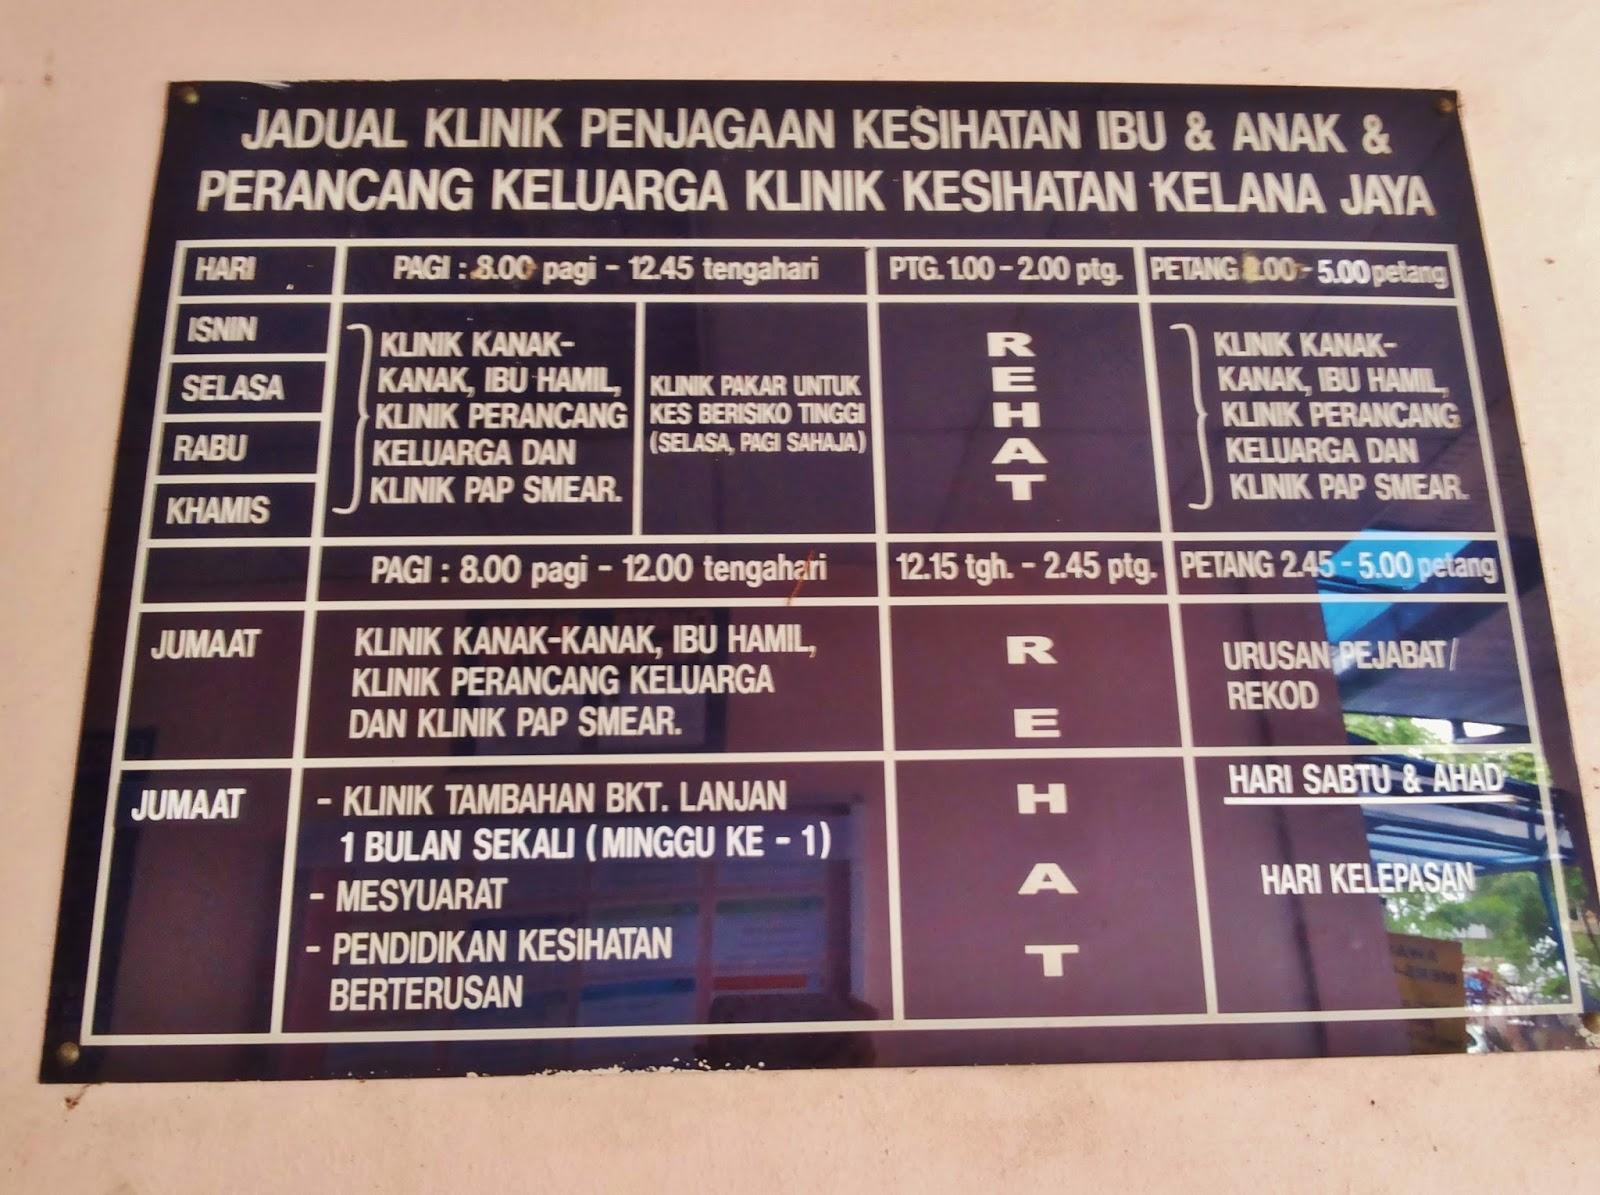 Foto Zaza Prosedur Buku Pink Klinik Kesihatan Kelana Jaya 2015